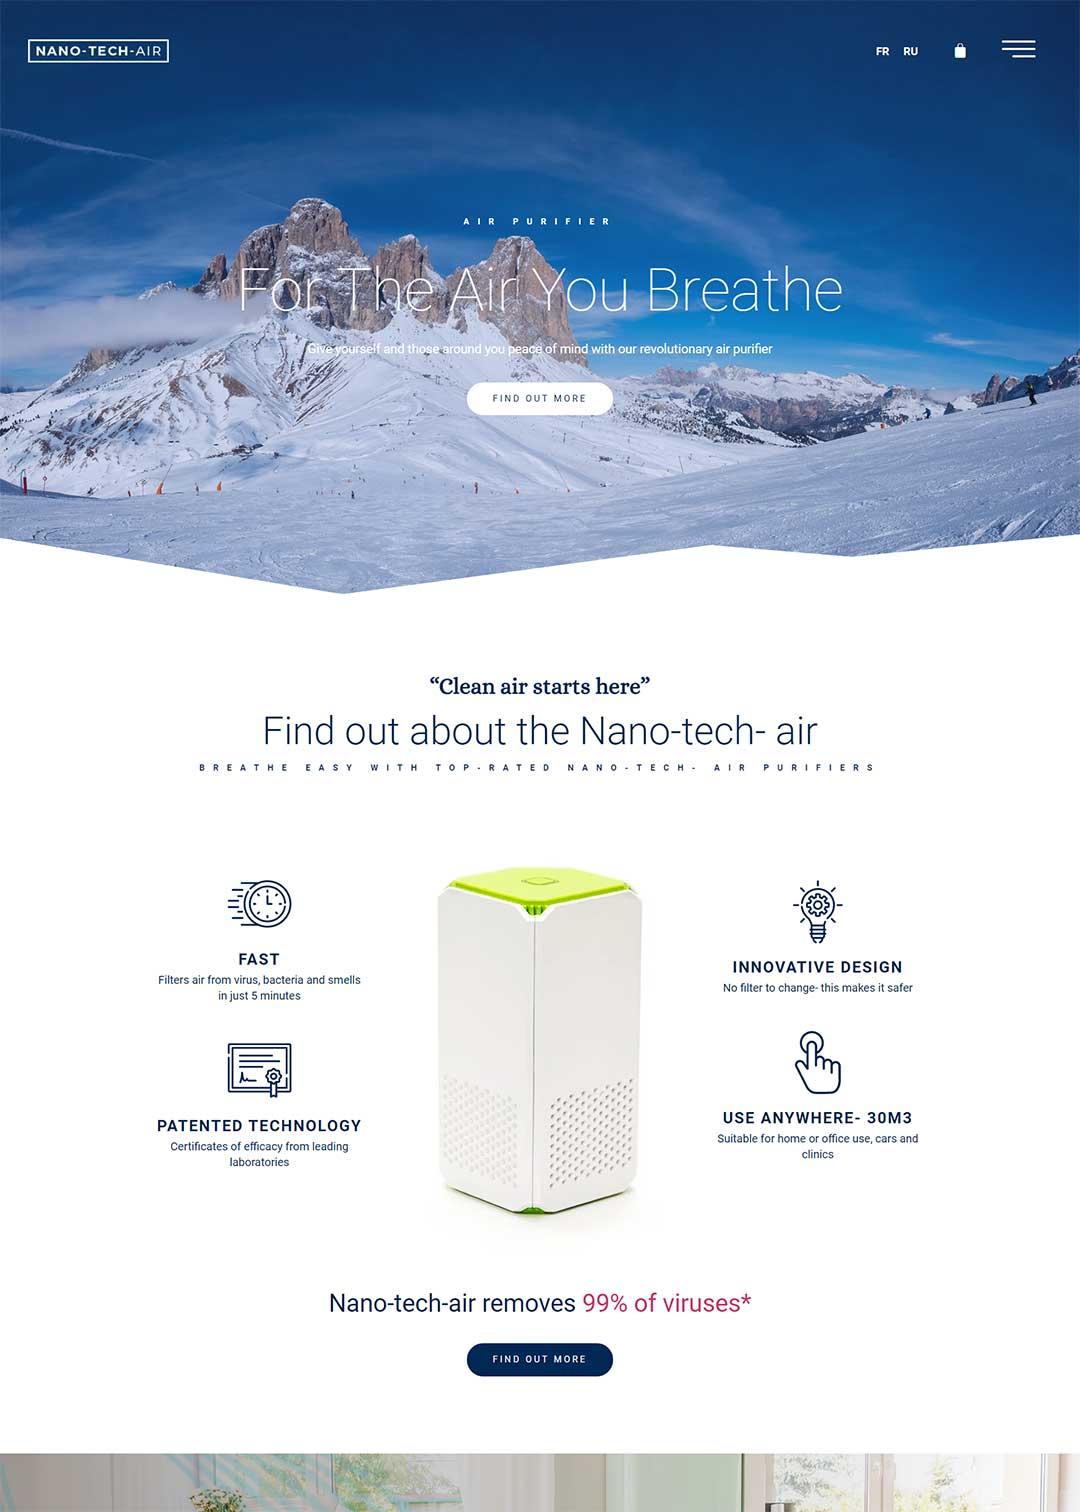 Homepage Nano-tech-air air purifier website design